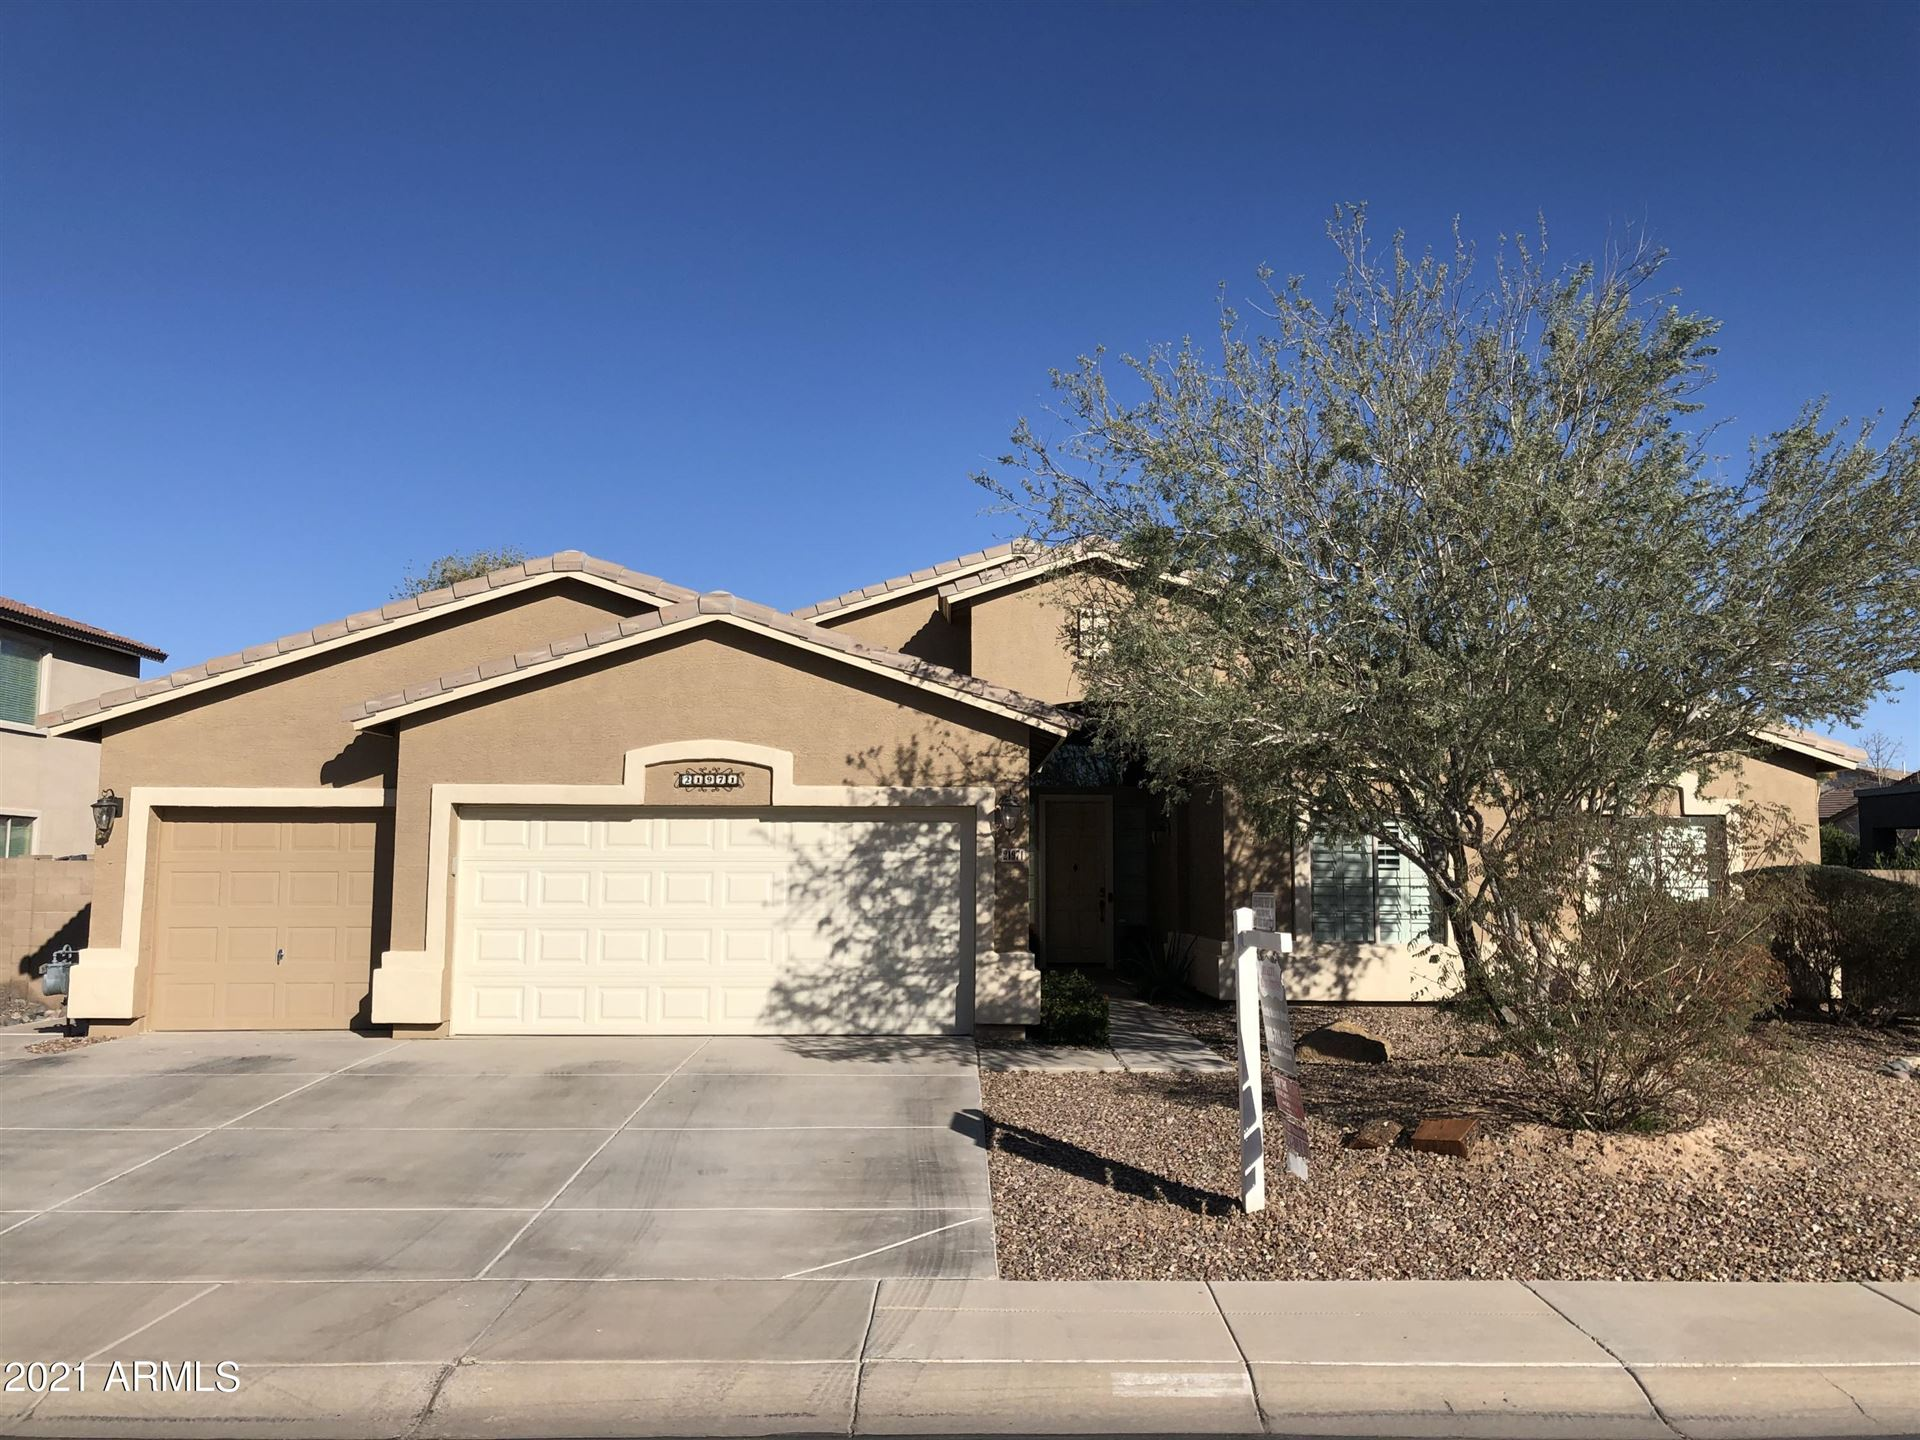 Photo of 21971 N BALBOA Drive, Maricopa, AZ 85138 (MLS # 6188578)